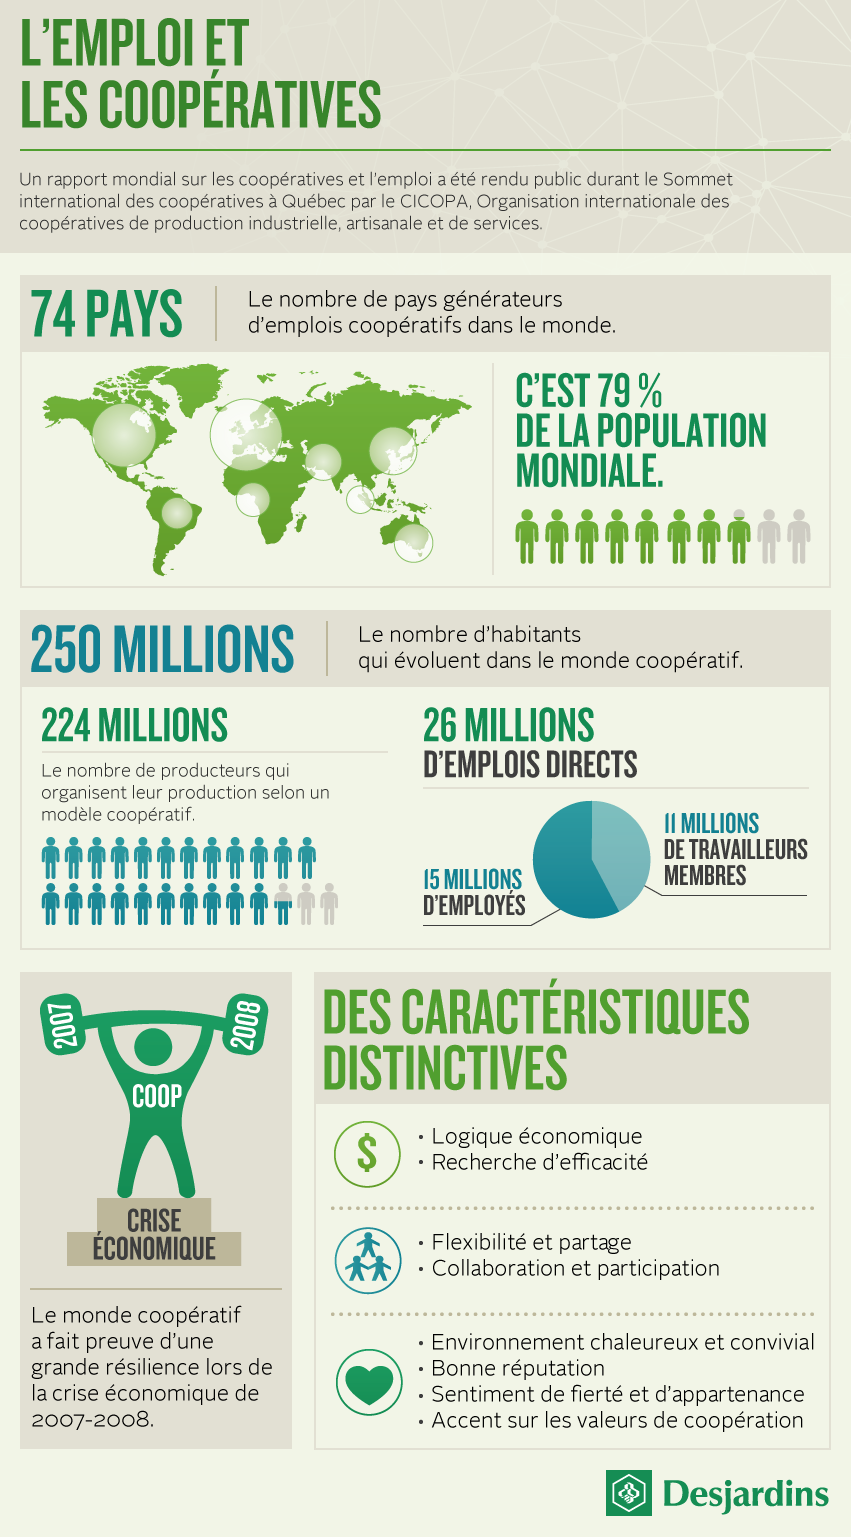 L'emploi et les coopératives Infographie Infographic